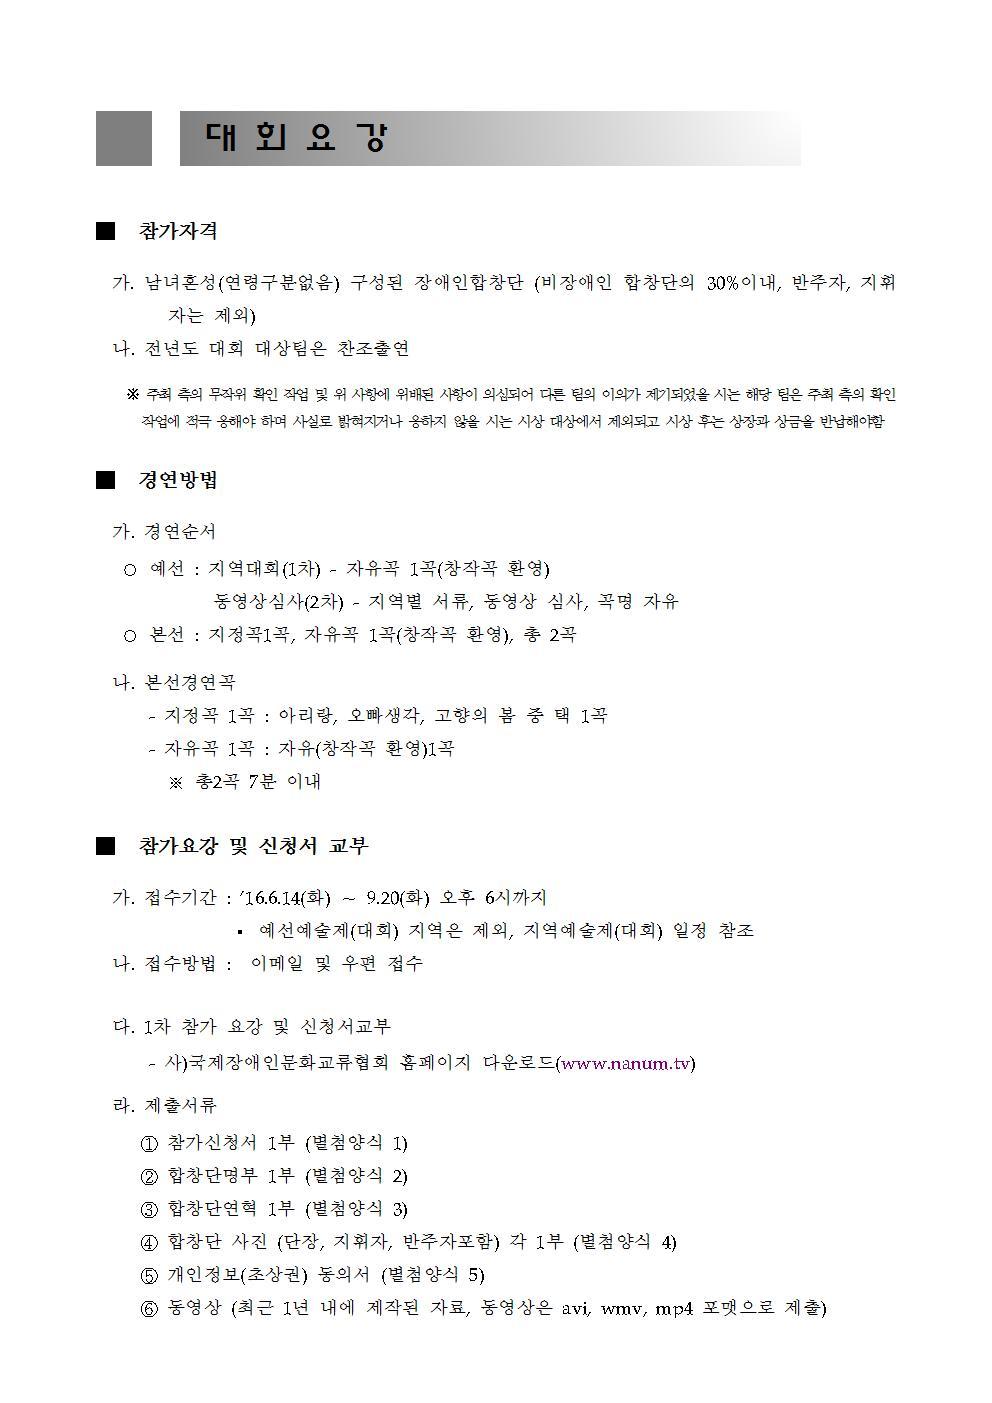 16-전국장애인합창대회_대회요강(홈페이지)002.jpg